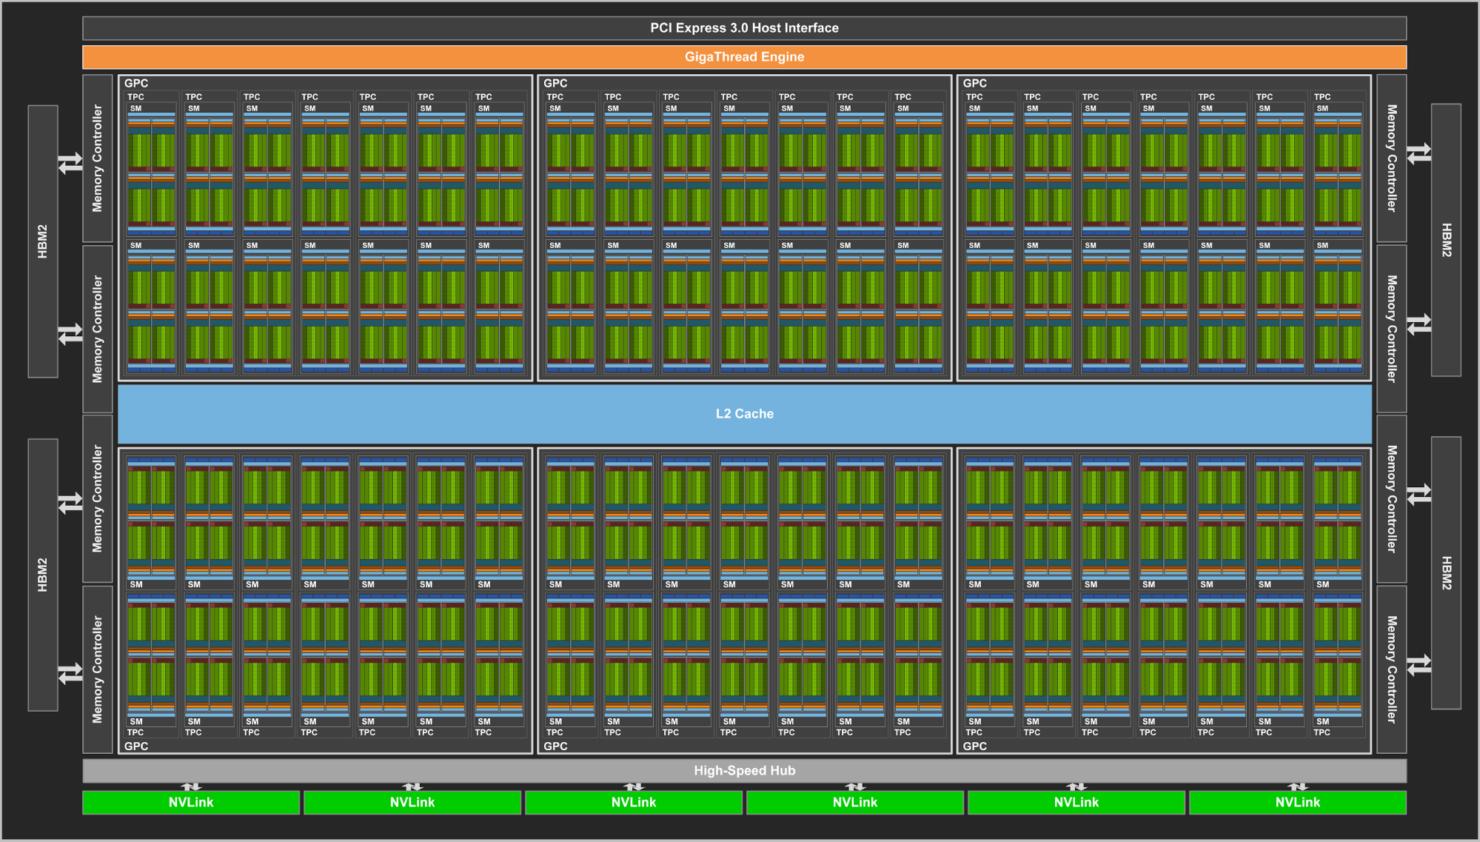 nvidia-volta-gv100-gpu-block-diagram